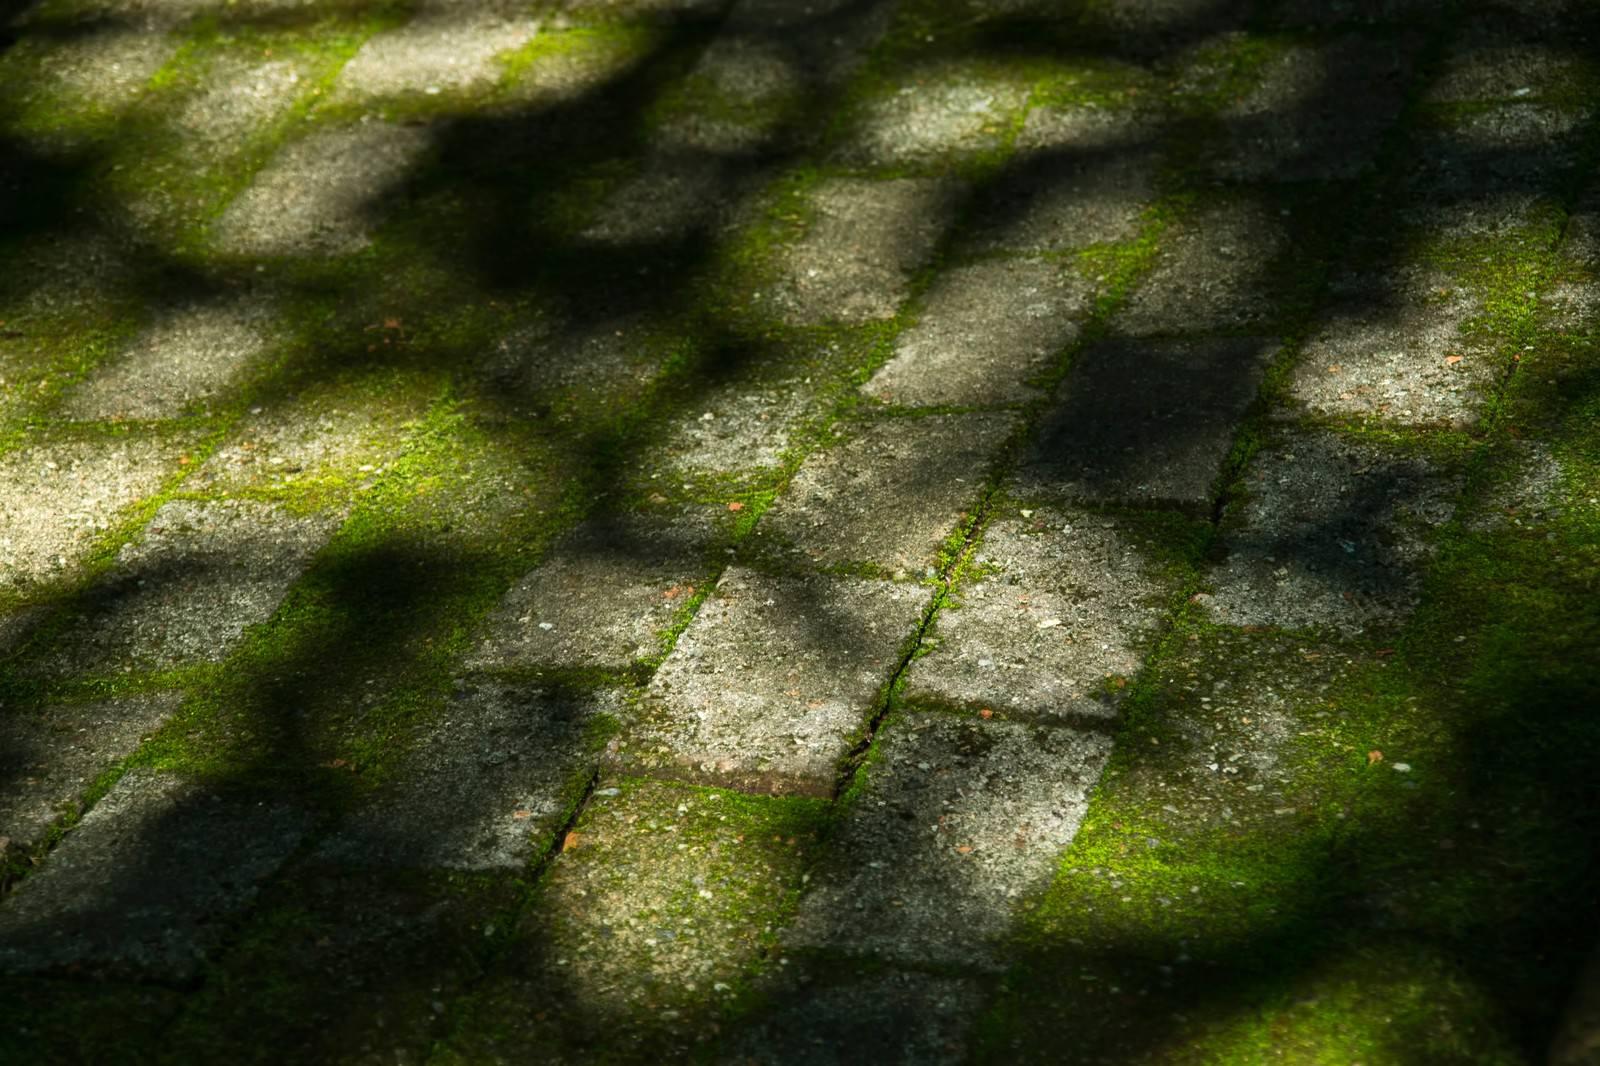 「コケのあるブロックと木漏れ日の影」の写真